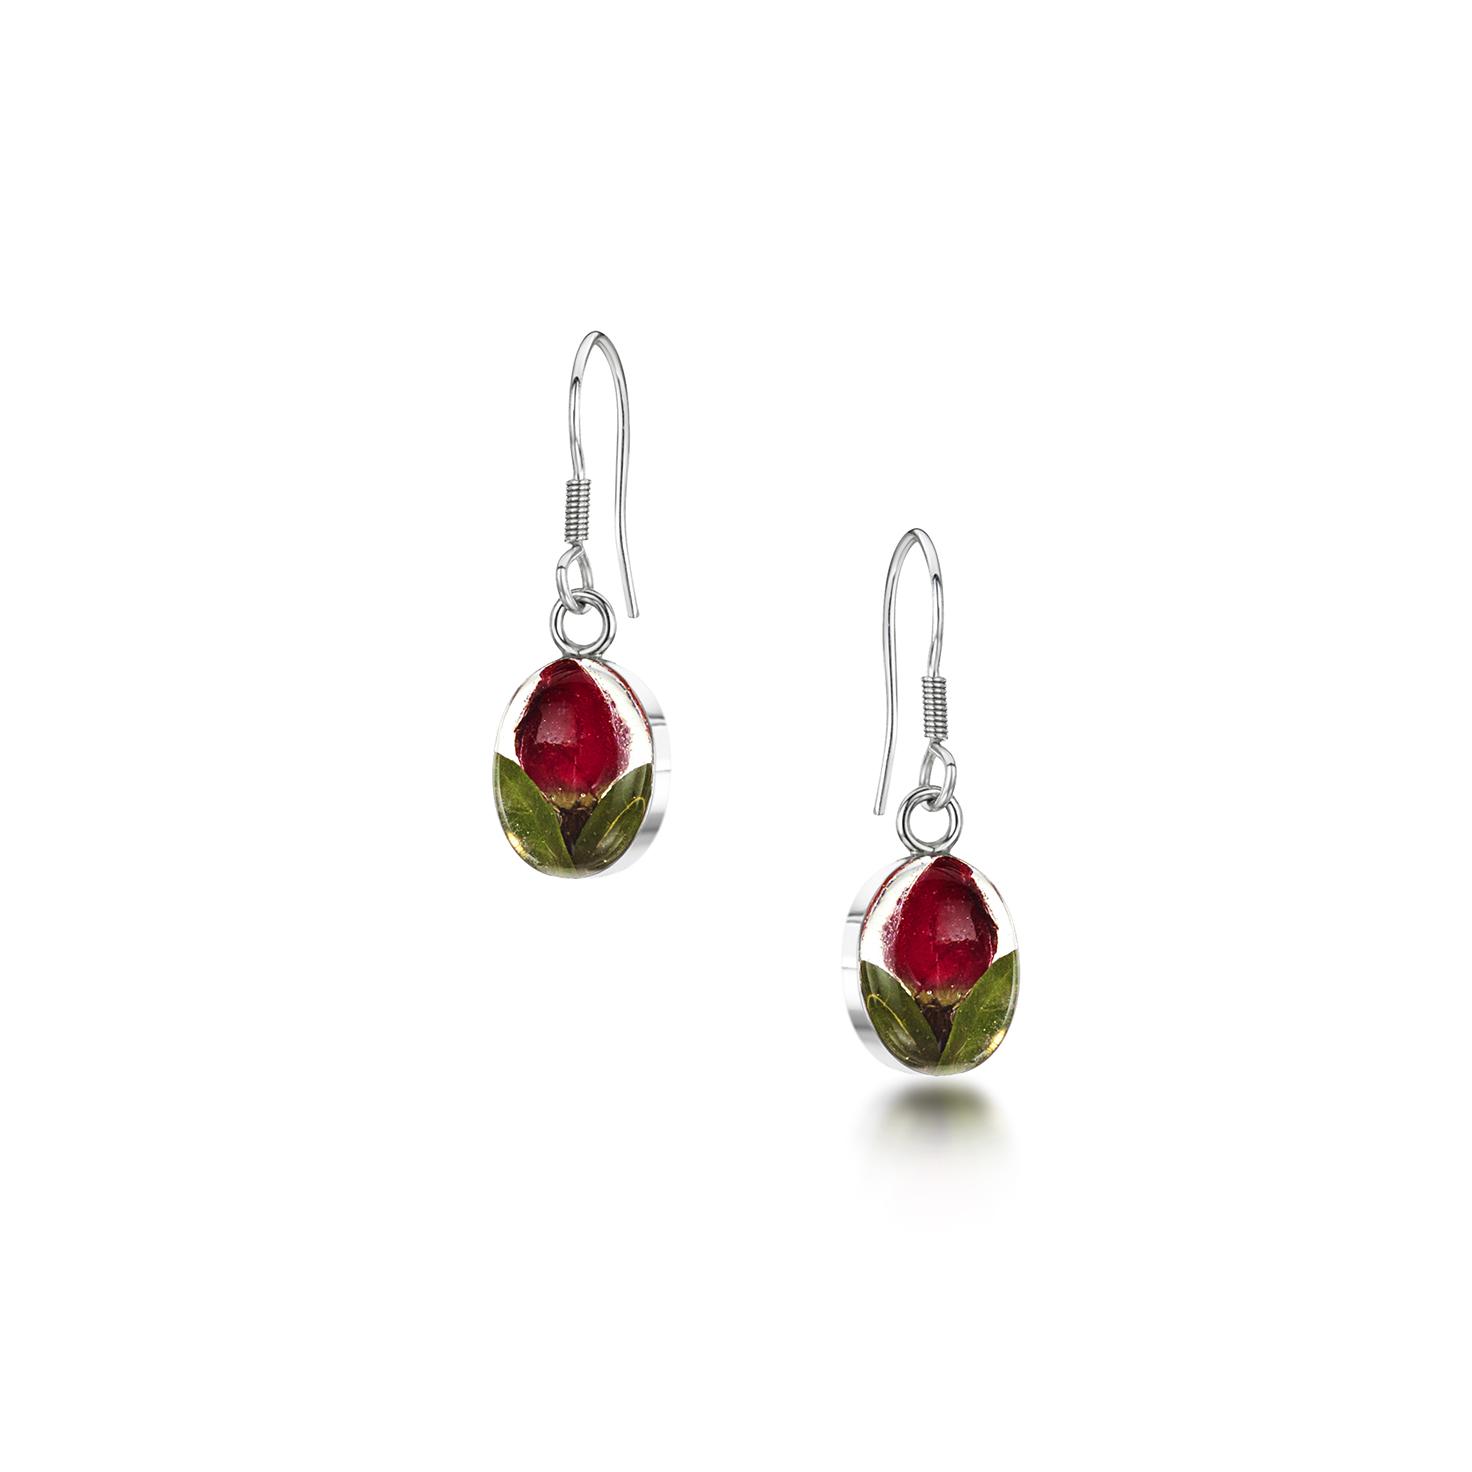 Shrieking Violet – Rose Bud Silver Oval Drop Earrings in Gift Box